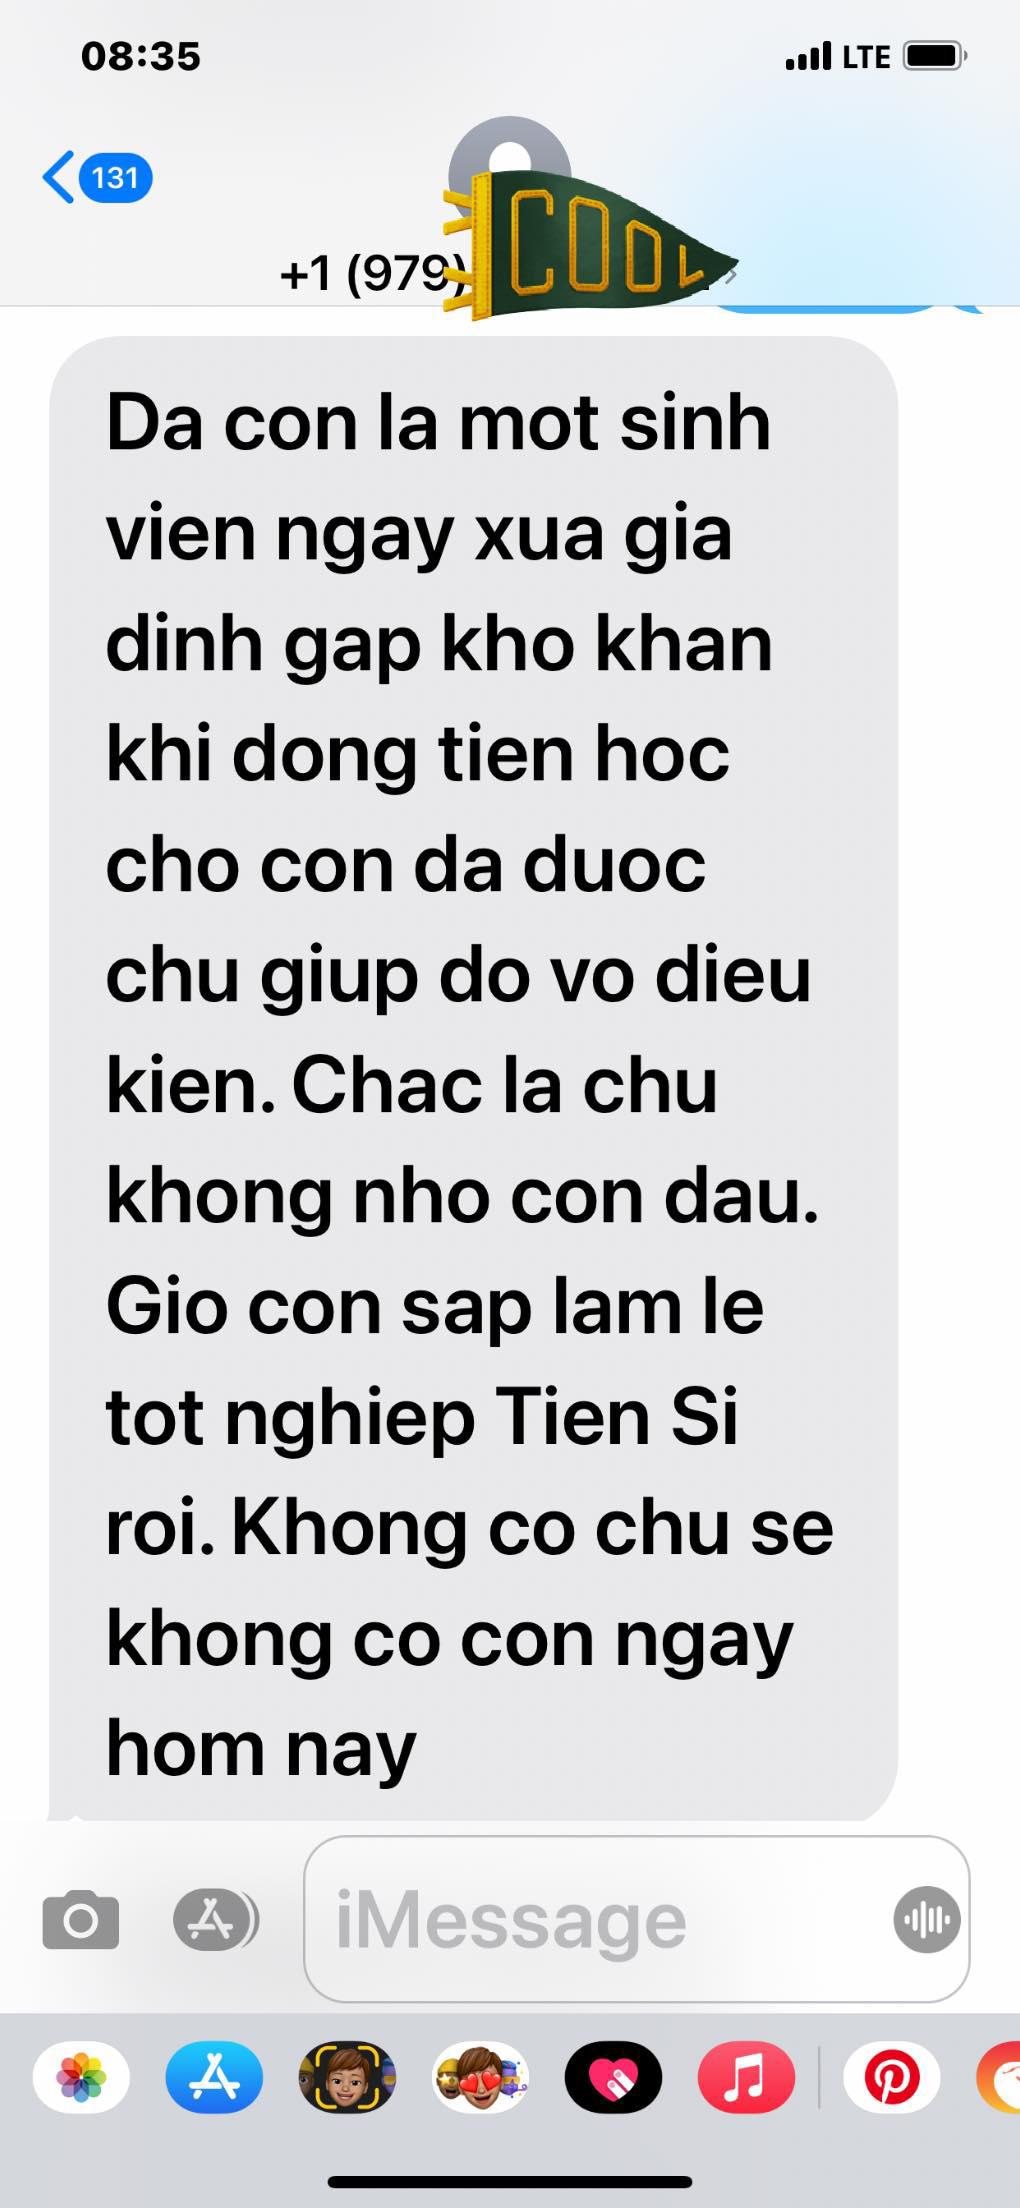 Câu chuyện cảm động của Đàm Vĩnh Hưng khi nhận loạt tin nhắn của người lạ - Ảnh 4.